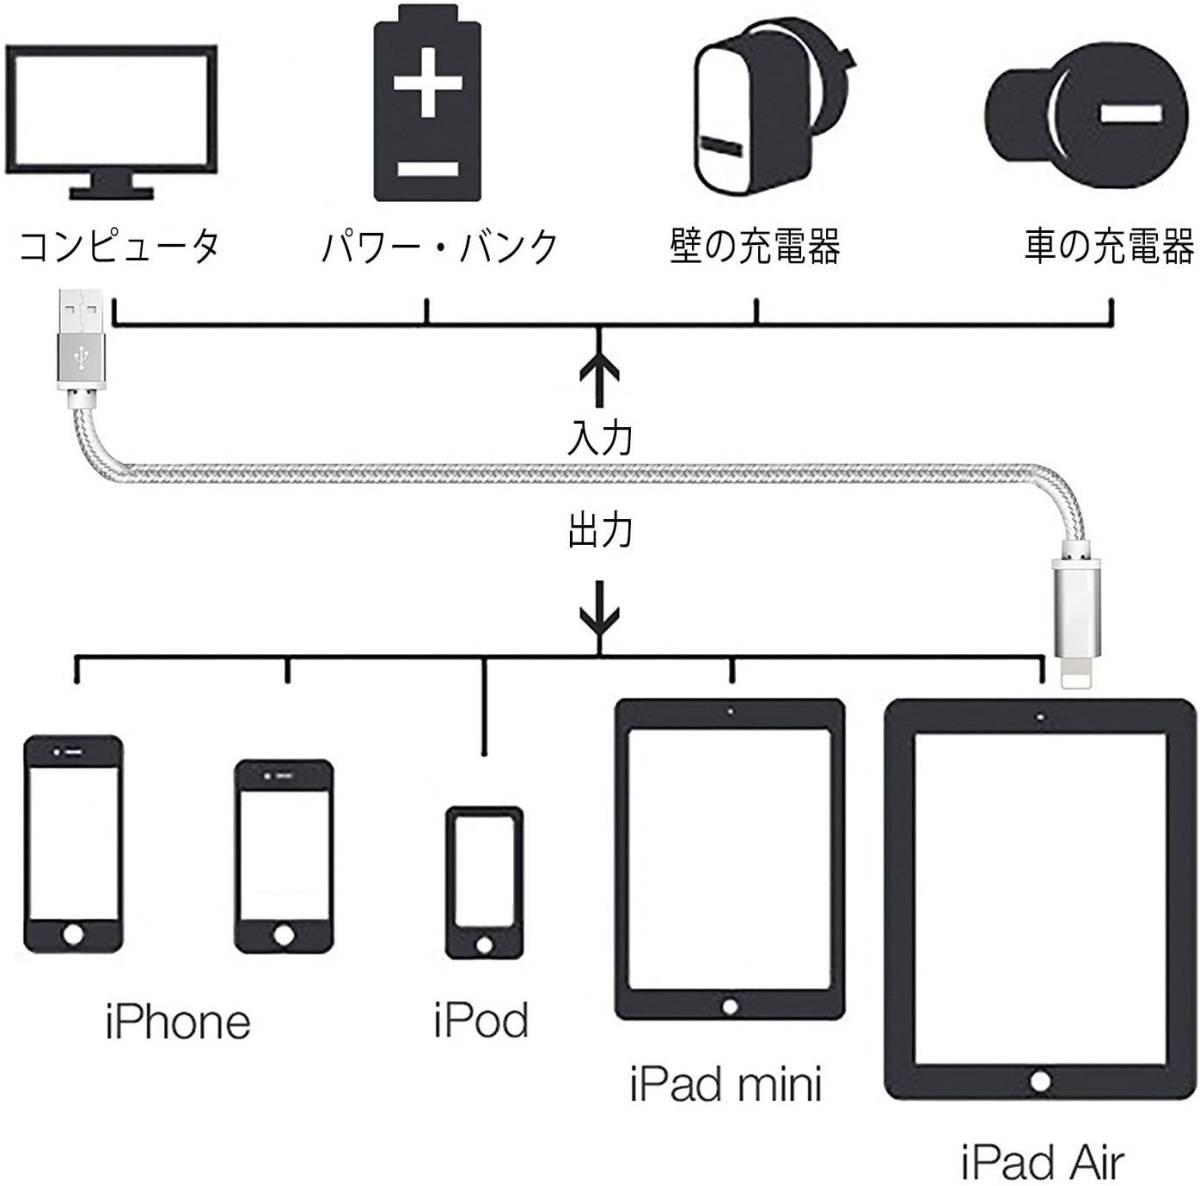 送料¥120 iPhone iPad 充電 ライトニングケーブル 2m データ転送 Lightningケーブル 断線に強い! 高耐久ナイロン編み アルミコネクタ_画像5